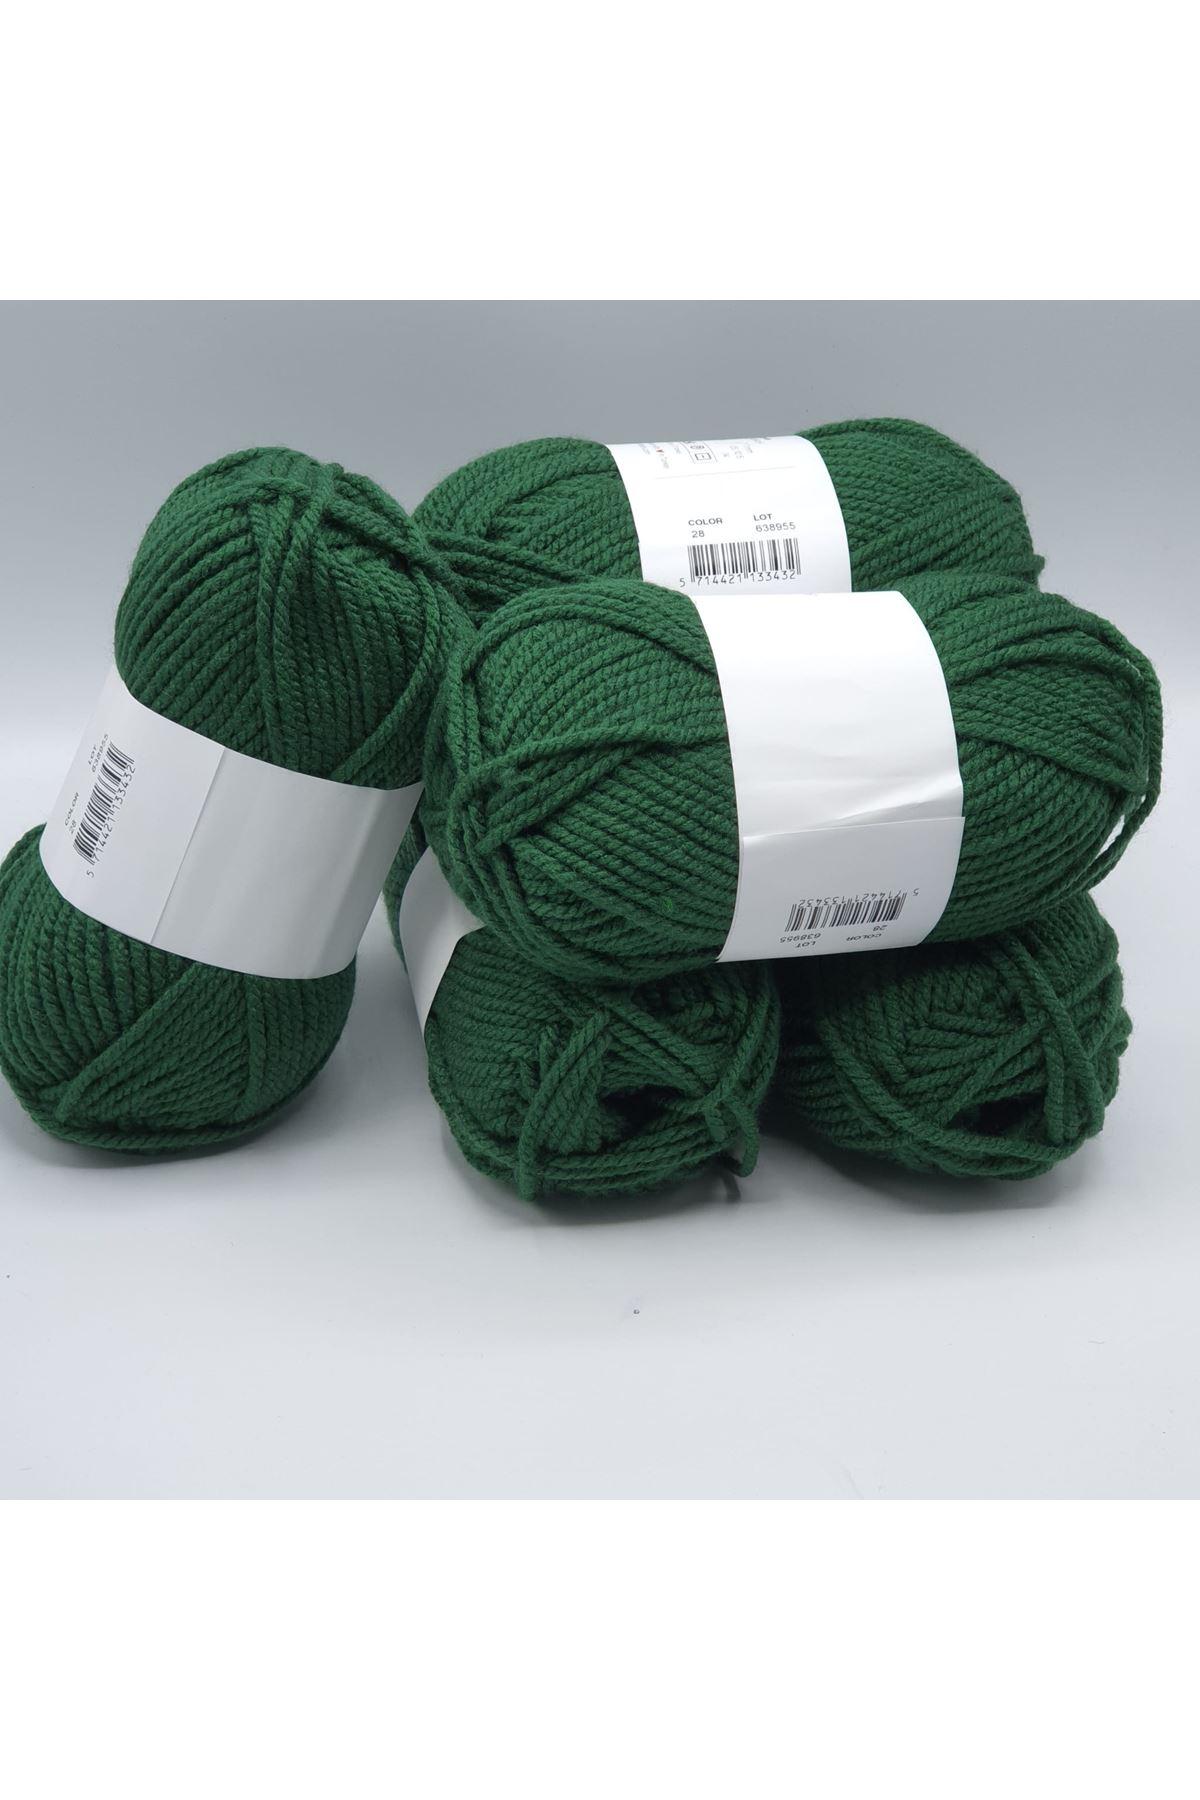 İhrac Fazlası 5'li Paket Akrilik Yeşil 295